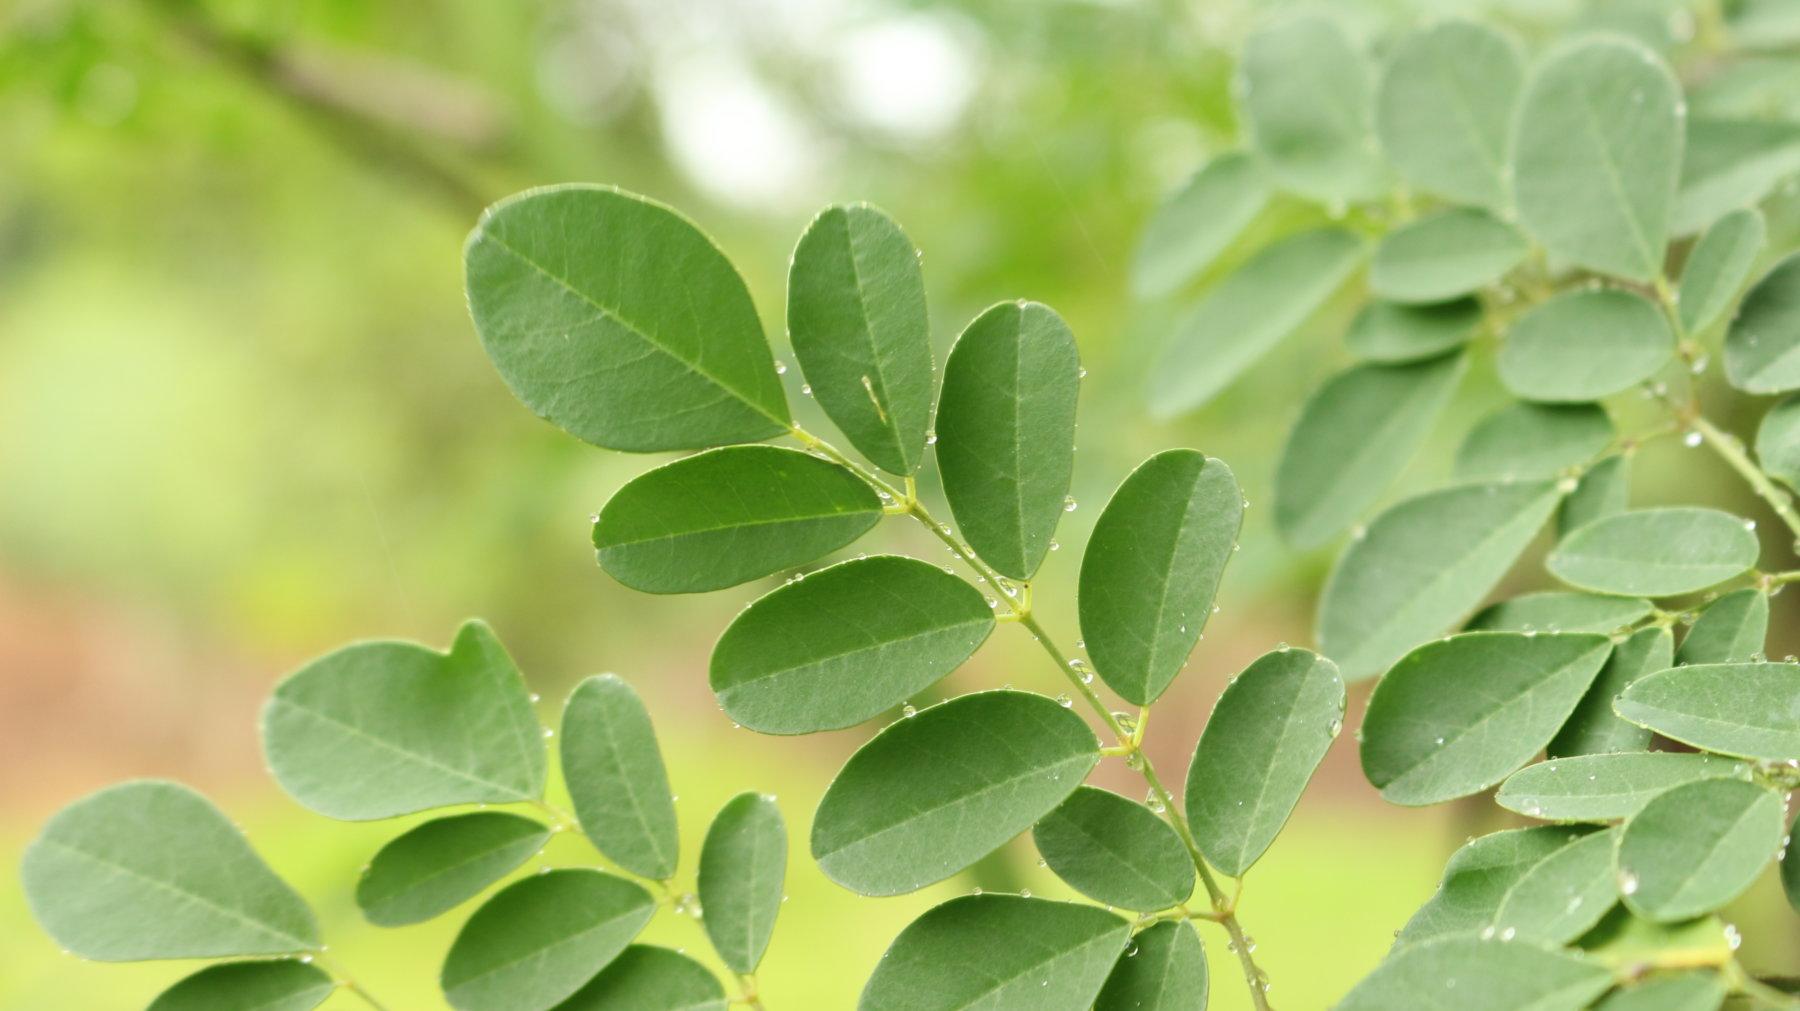 Las hojas de Moringa han sido utilizadas en beneficio de la salud humana desde la antigüedad.